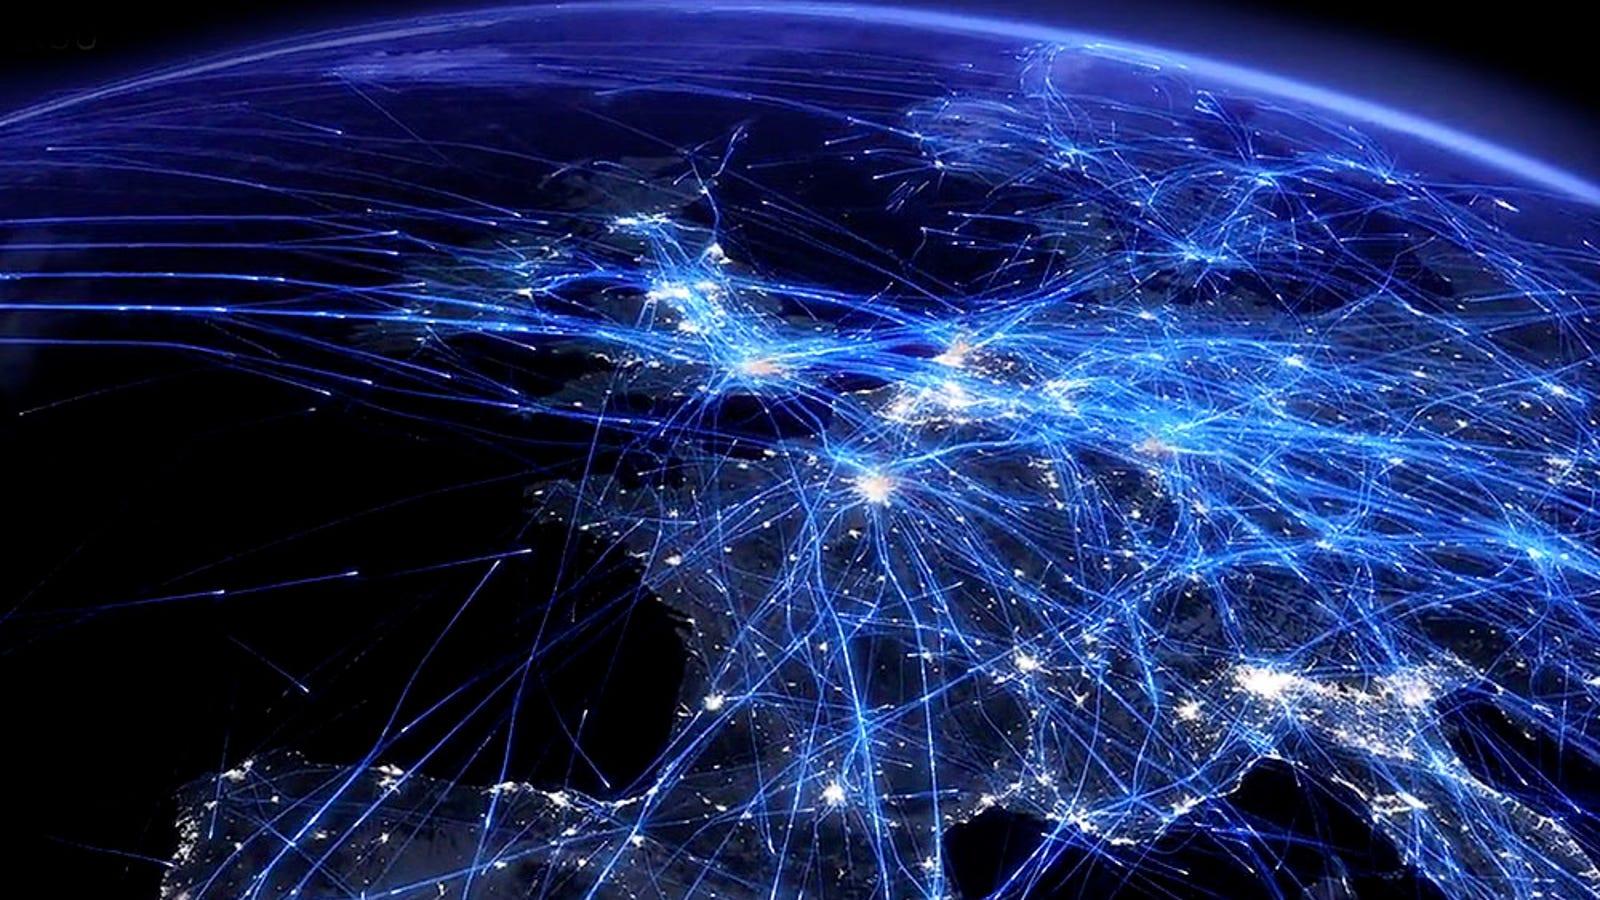 Así se ve un día de tráfico aéreo sobre Europa